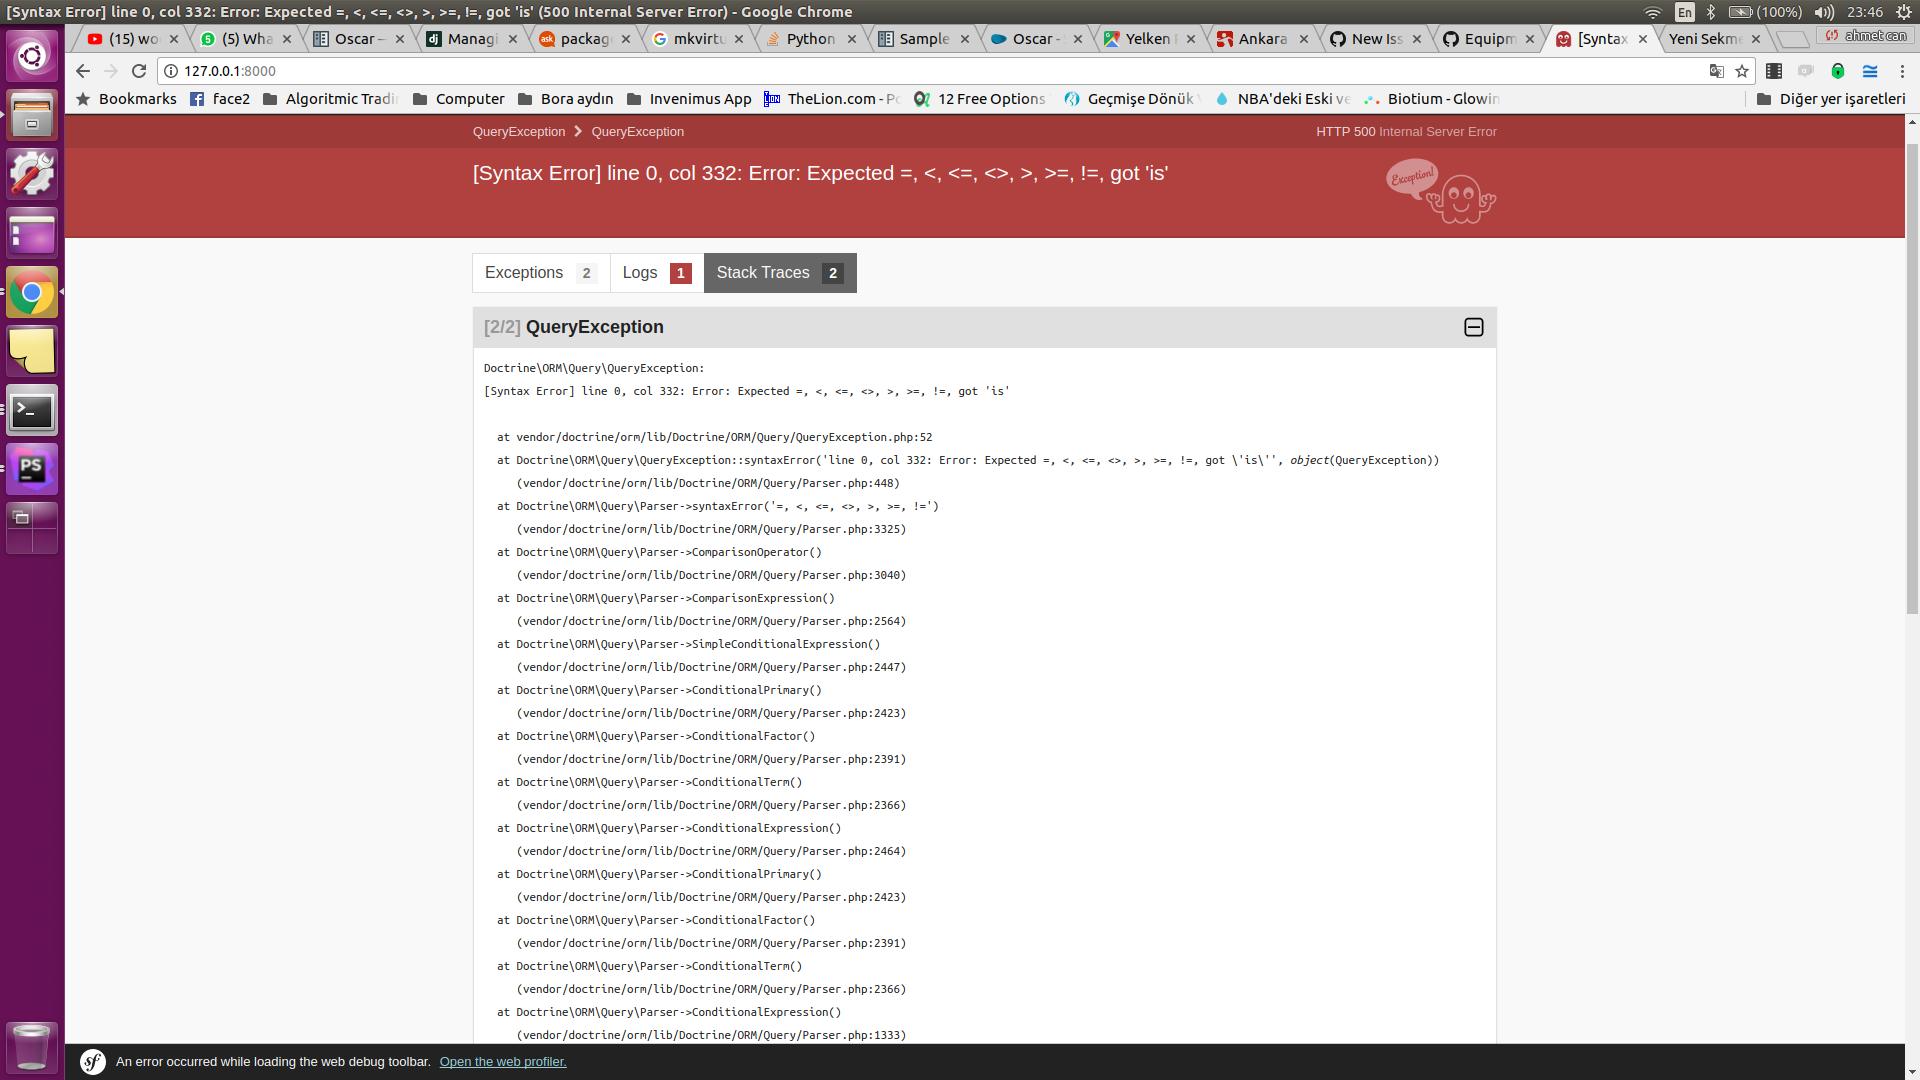 error stack traces